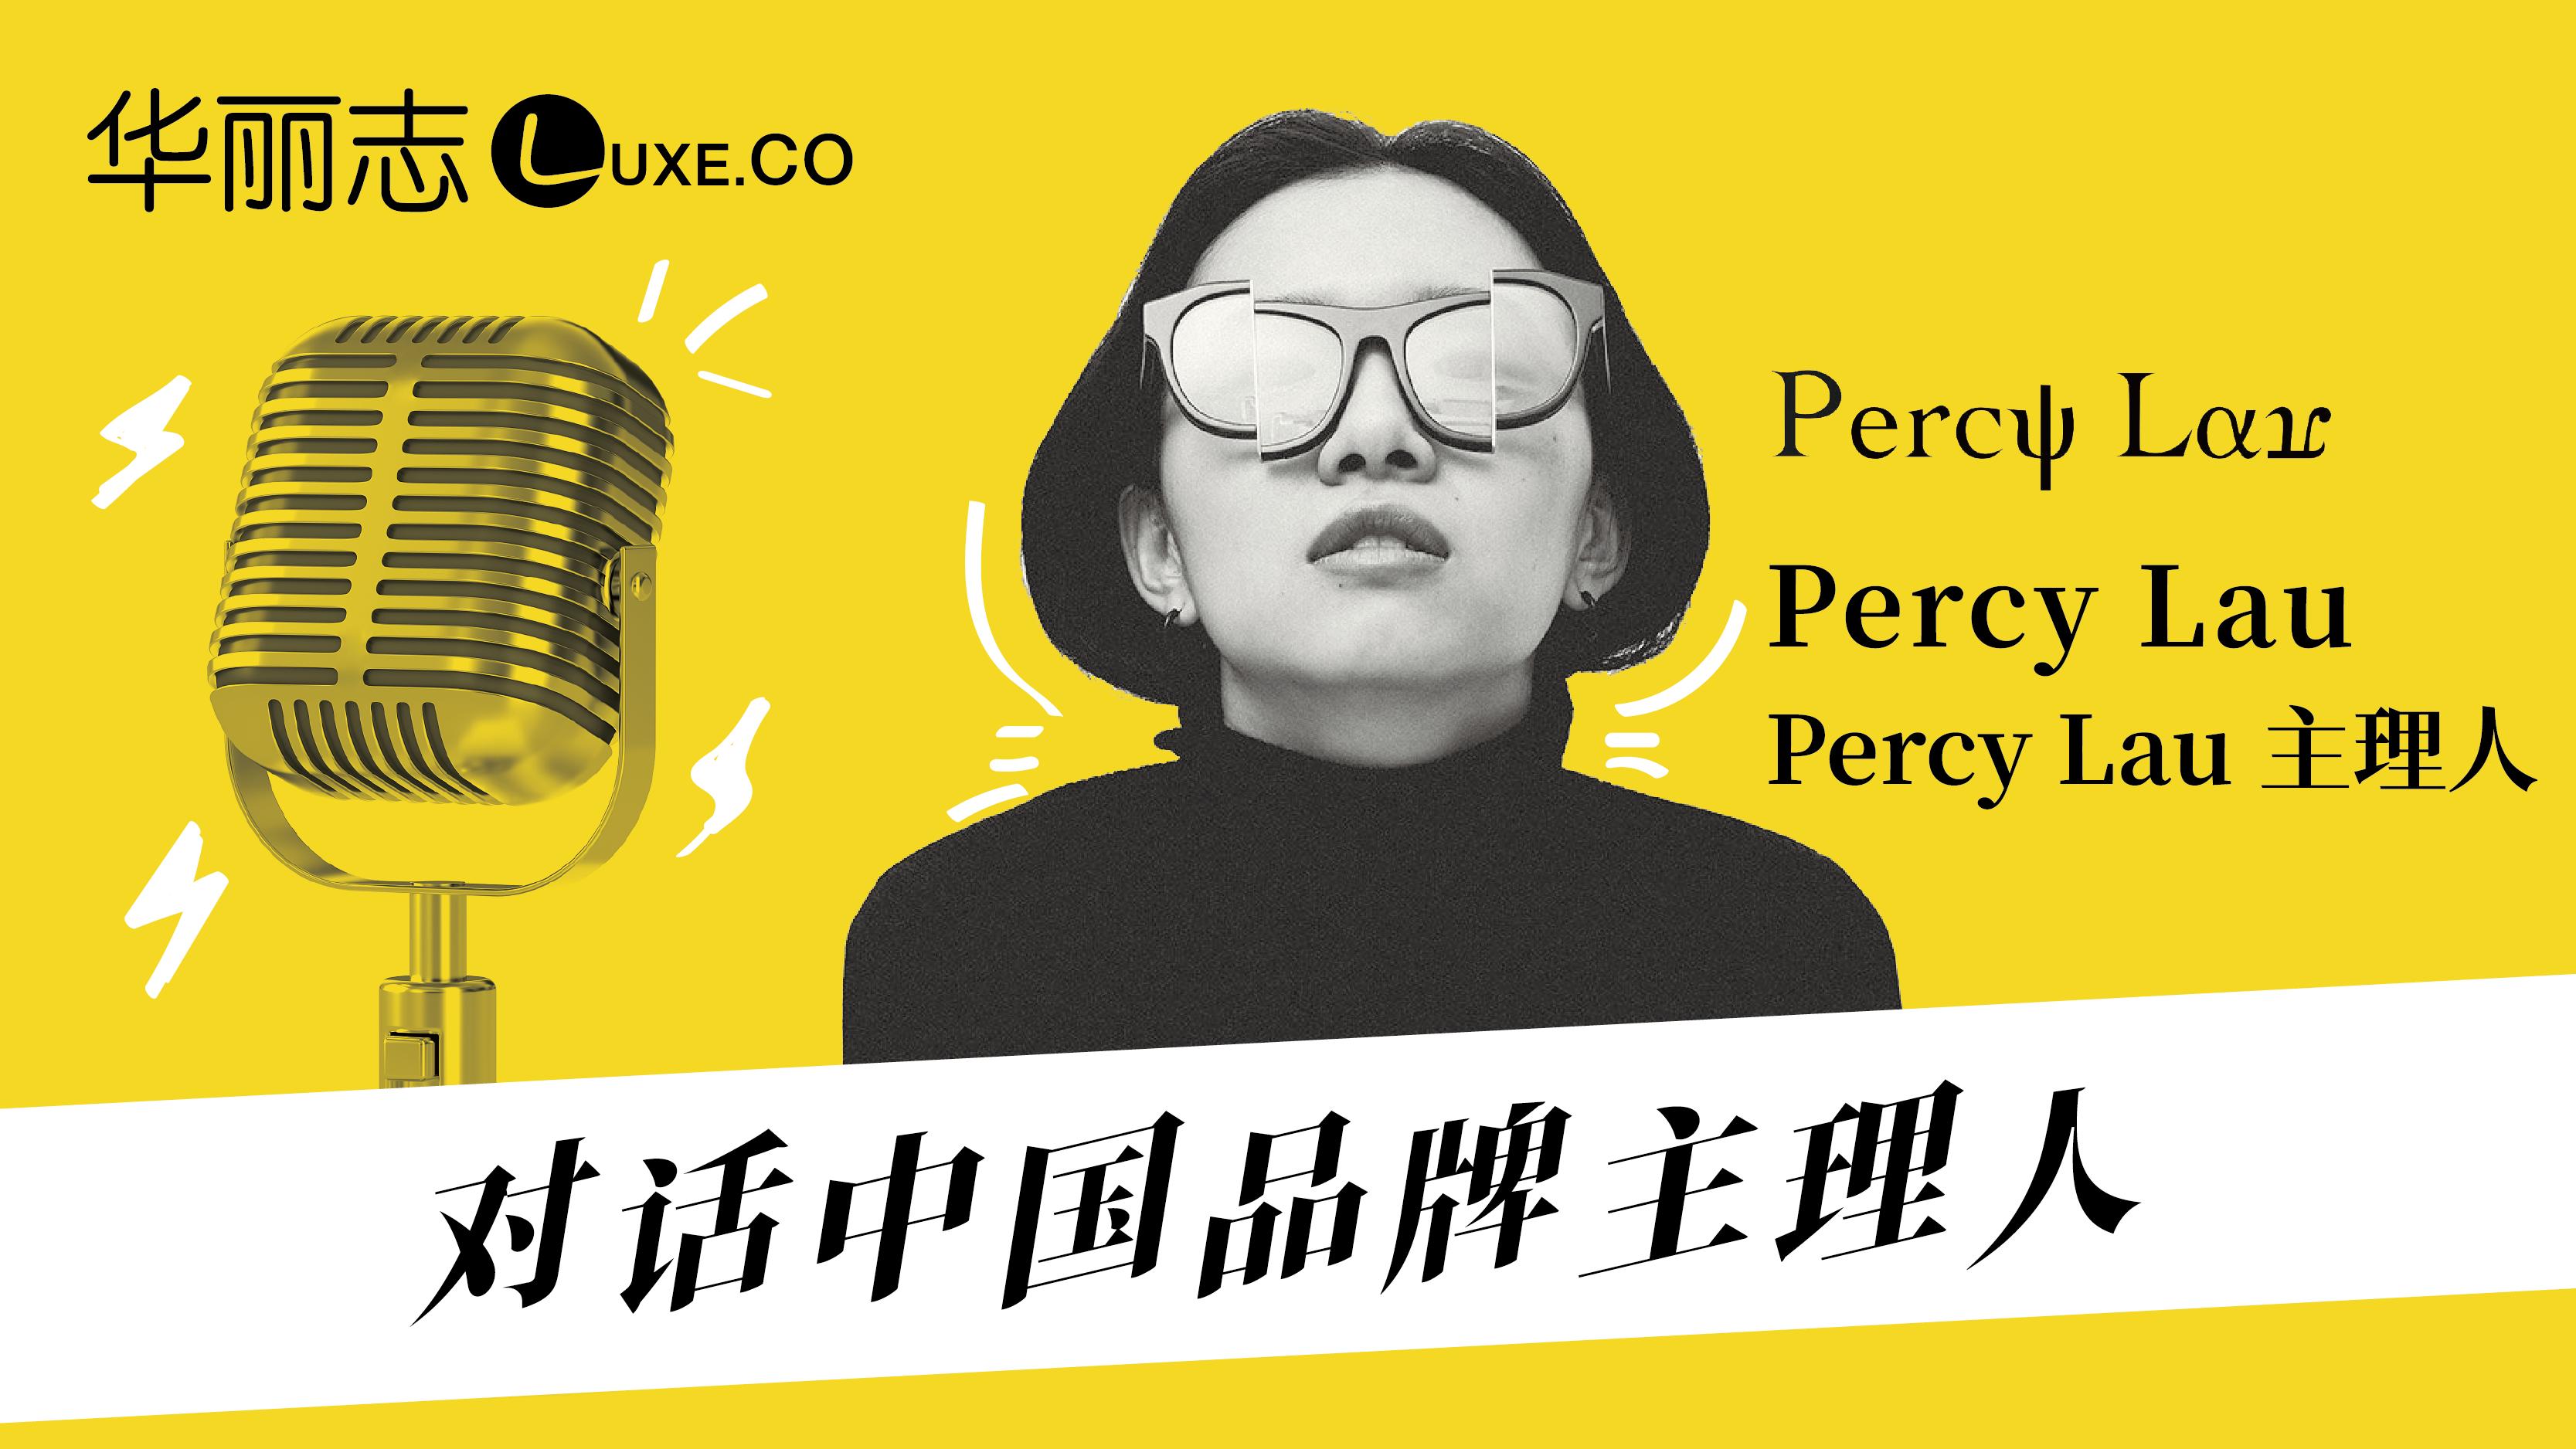 音频实录 | 对话中国品牌主理人之 Percy Lau:第一、要睡够觉;第二、每天必须读书